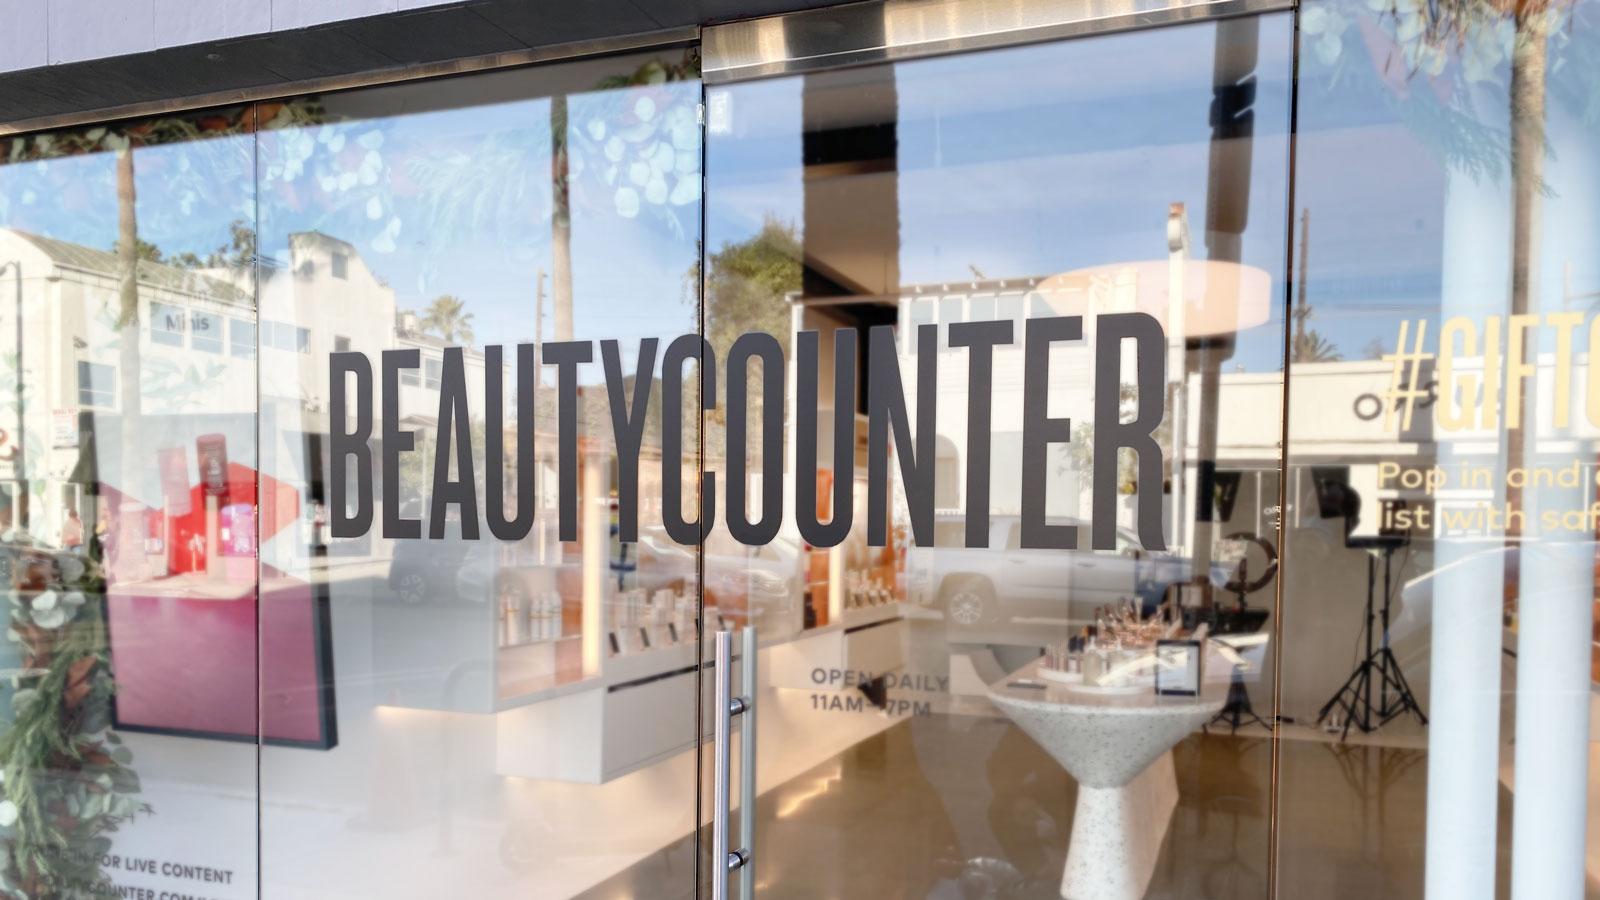 beautycounter vinyl lettering